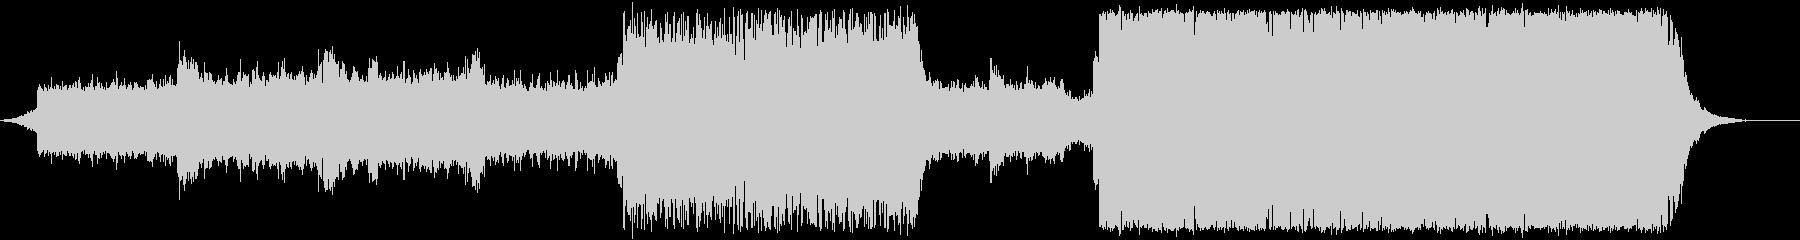 海/ドラムンベース/テクスチャーの未再生の波形